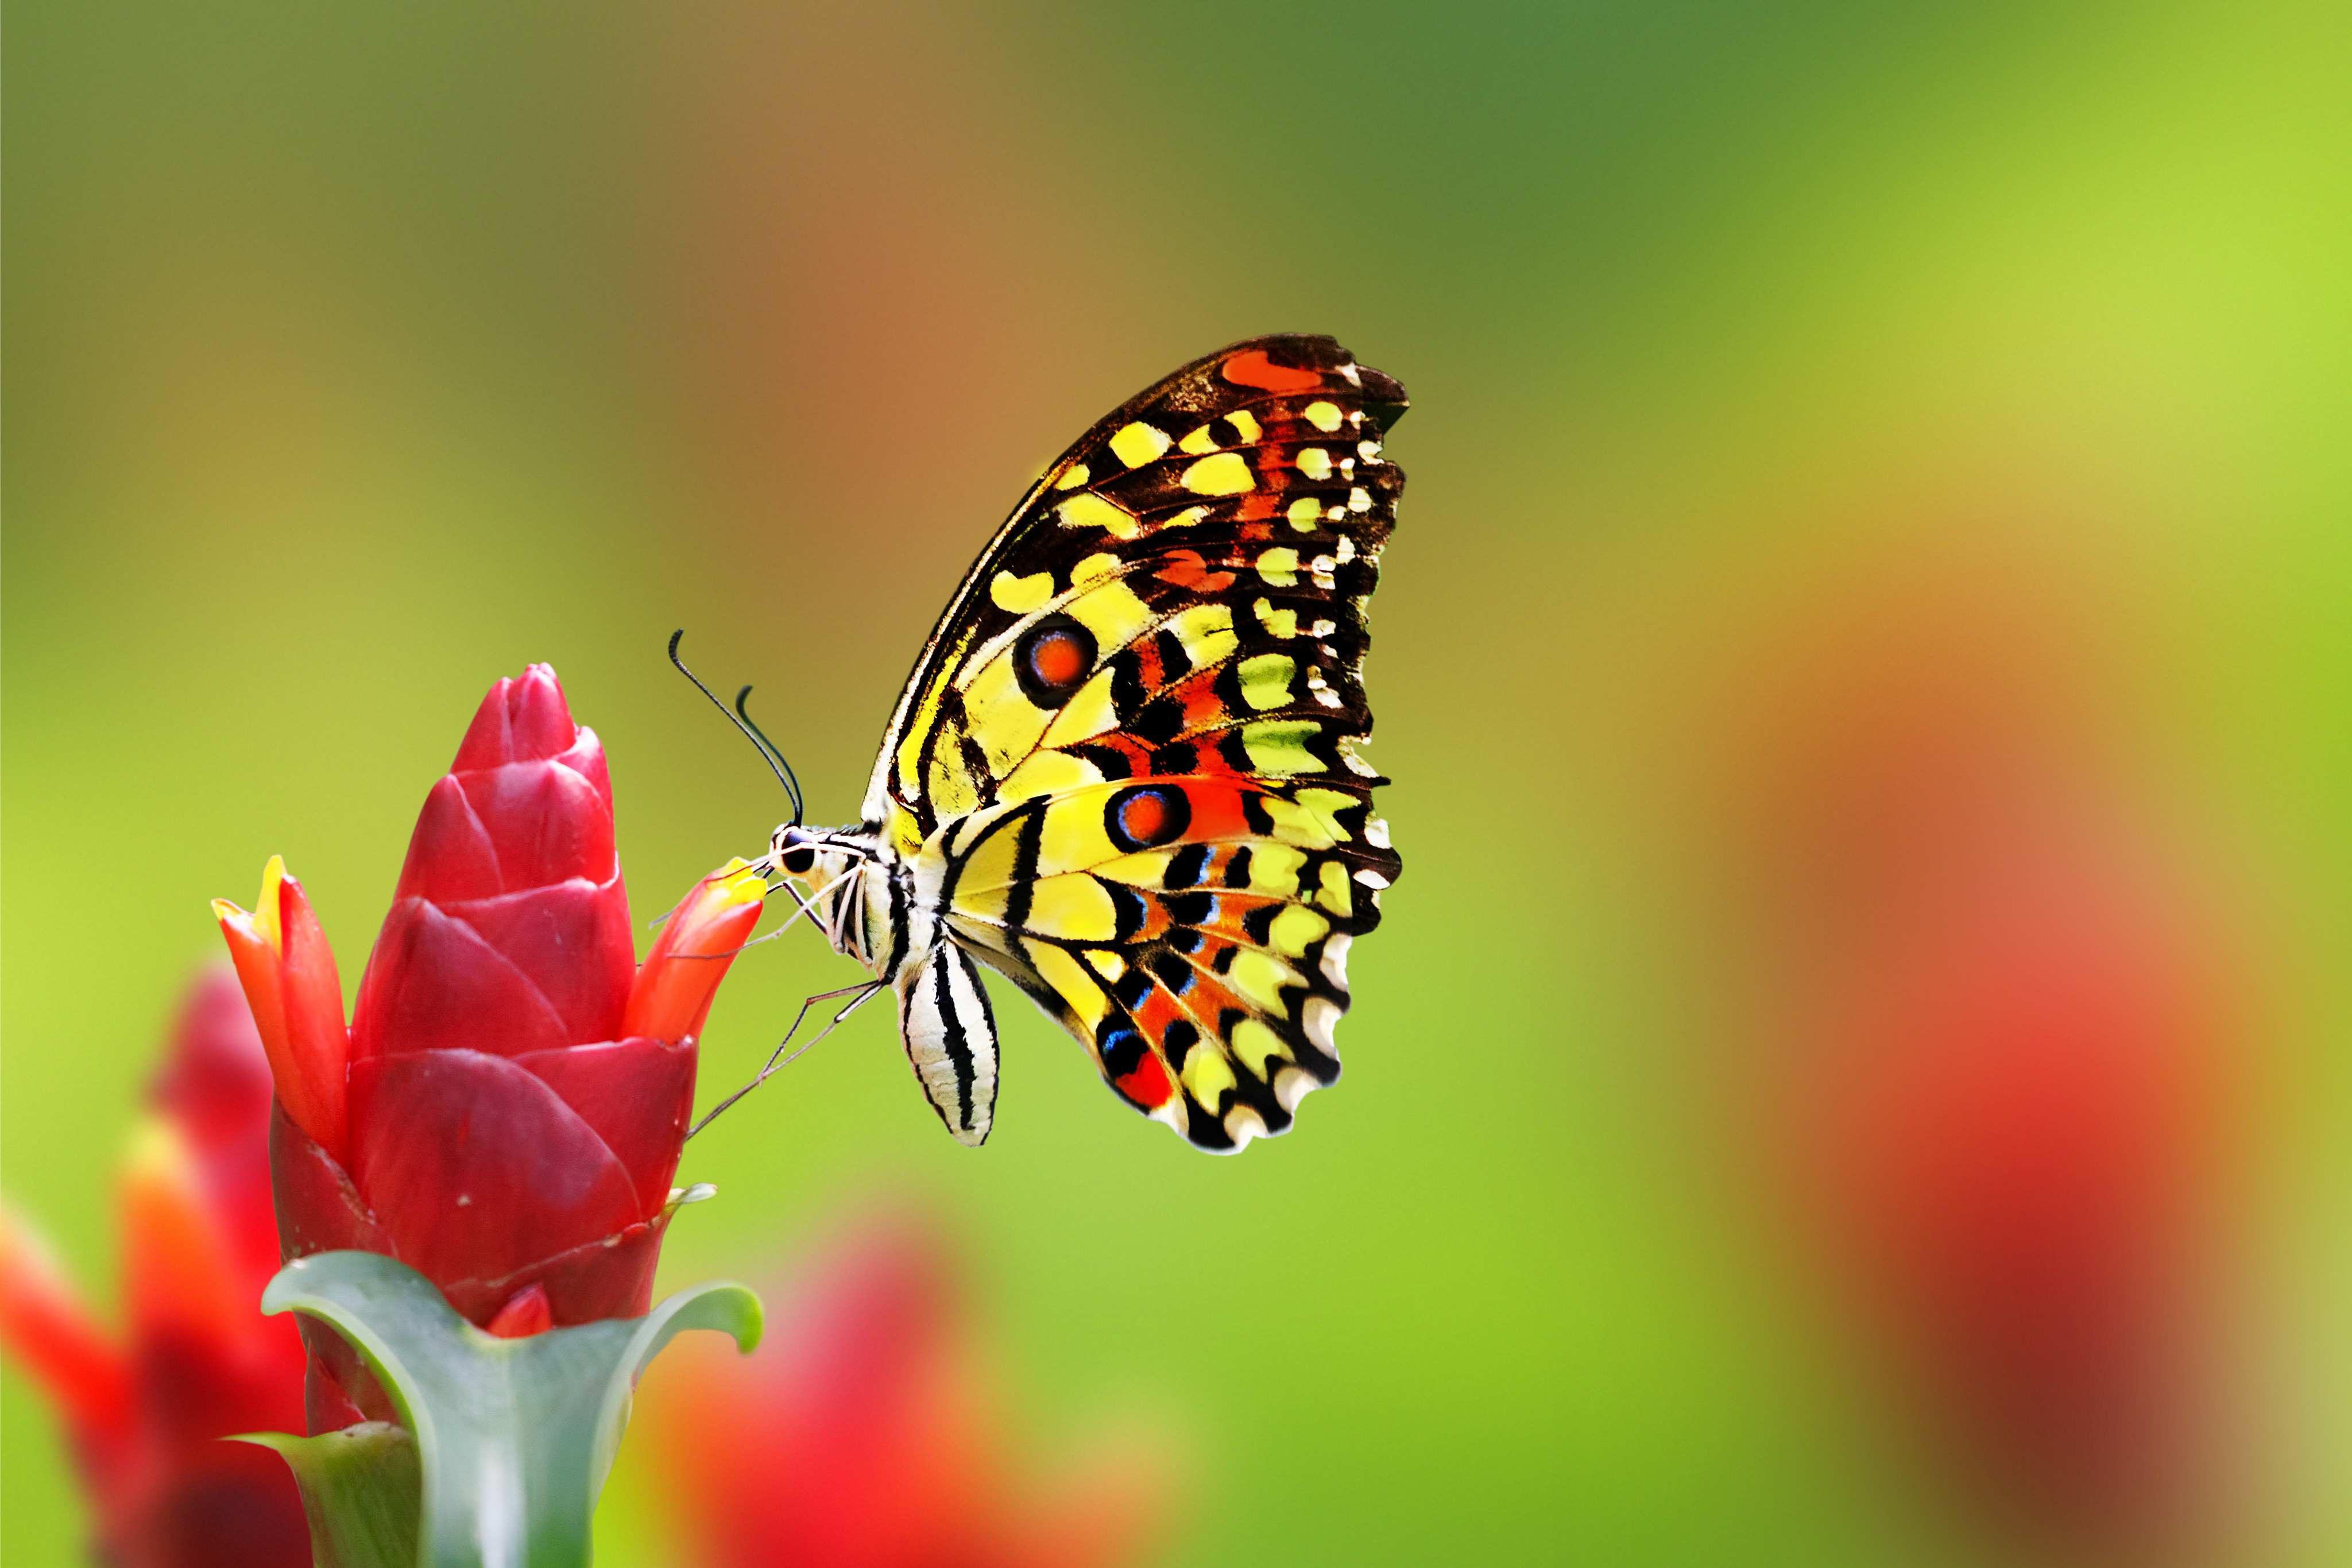 Hình nền máy tính HD con bướm đậu trên cành hoa cực đẹp